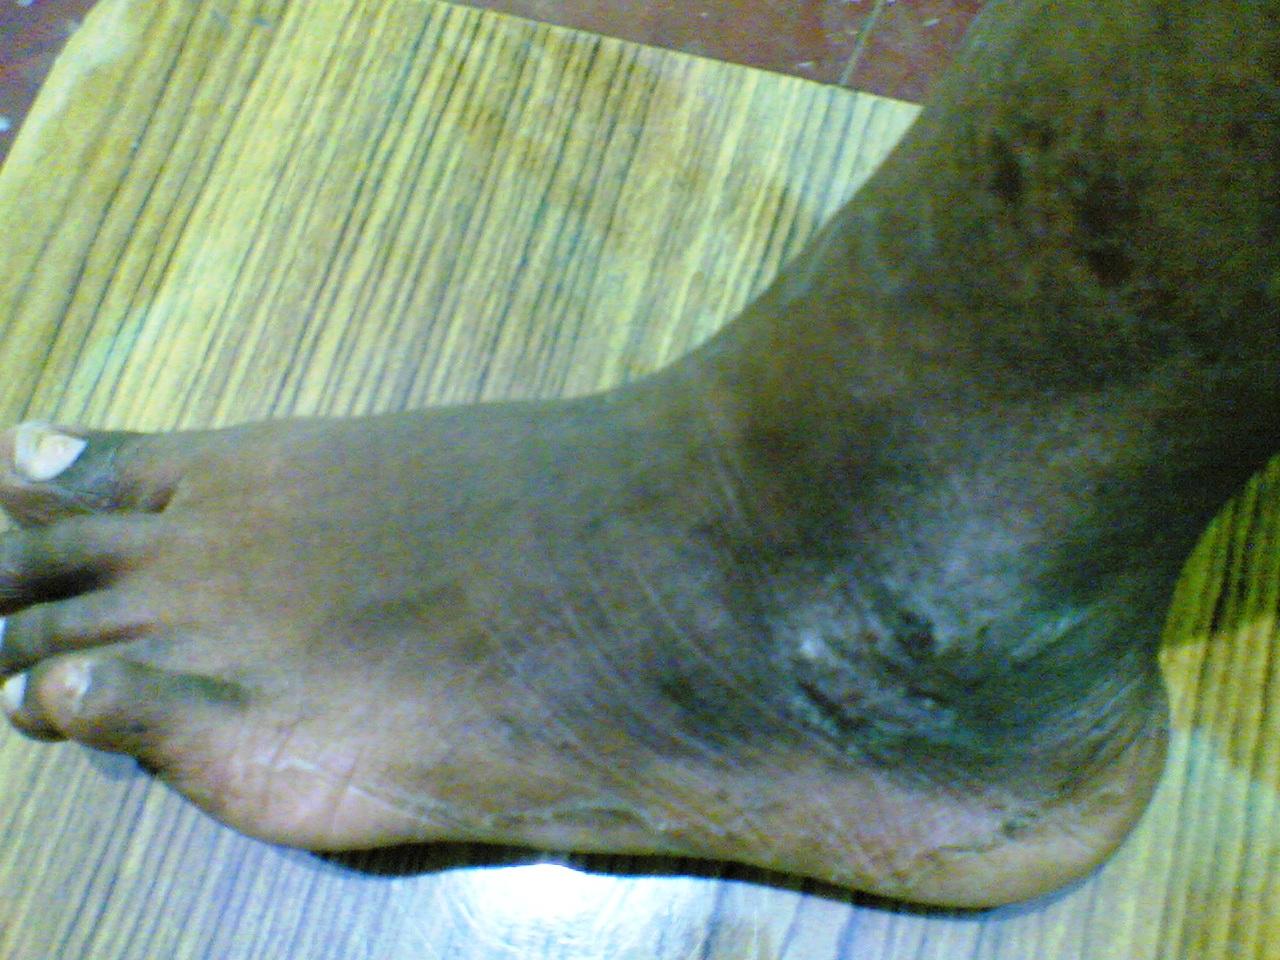 1-atopic dermatitis1- During treatment